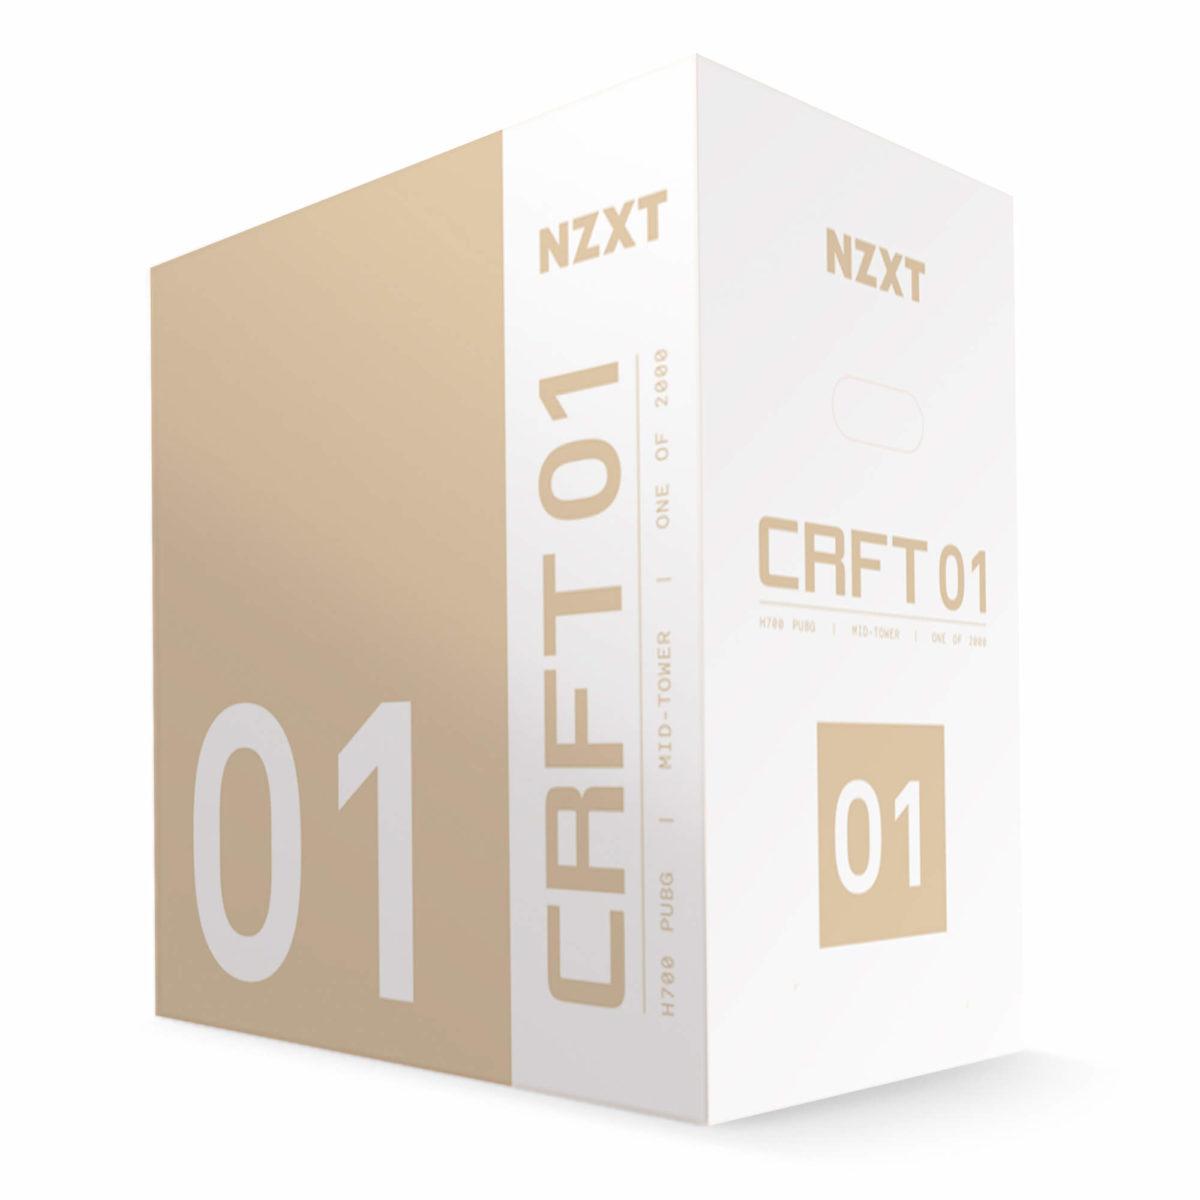 NZXT presenta CRFT, su linea de productos gaming personalizados